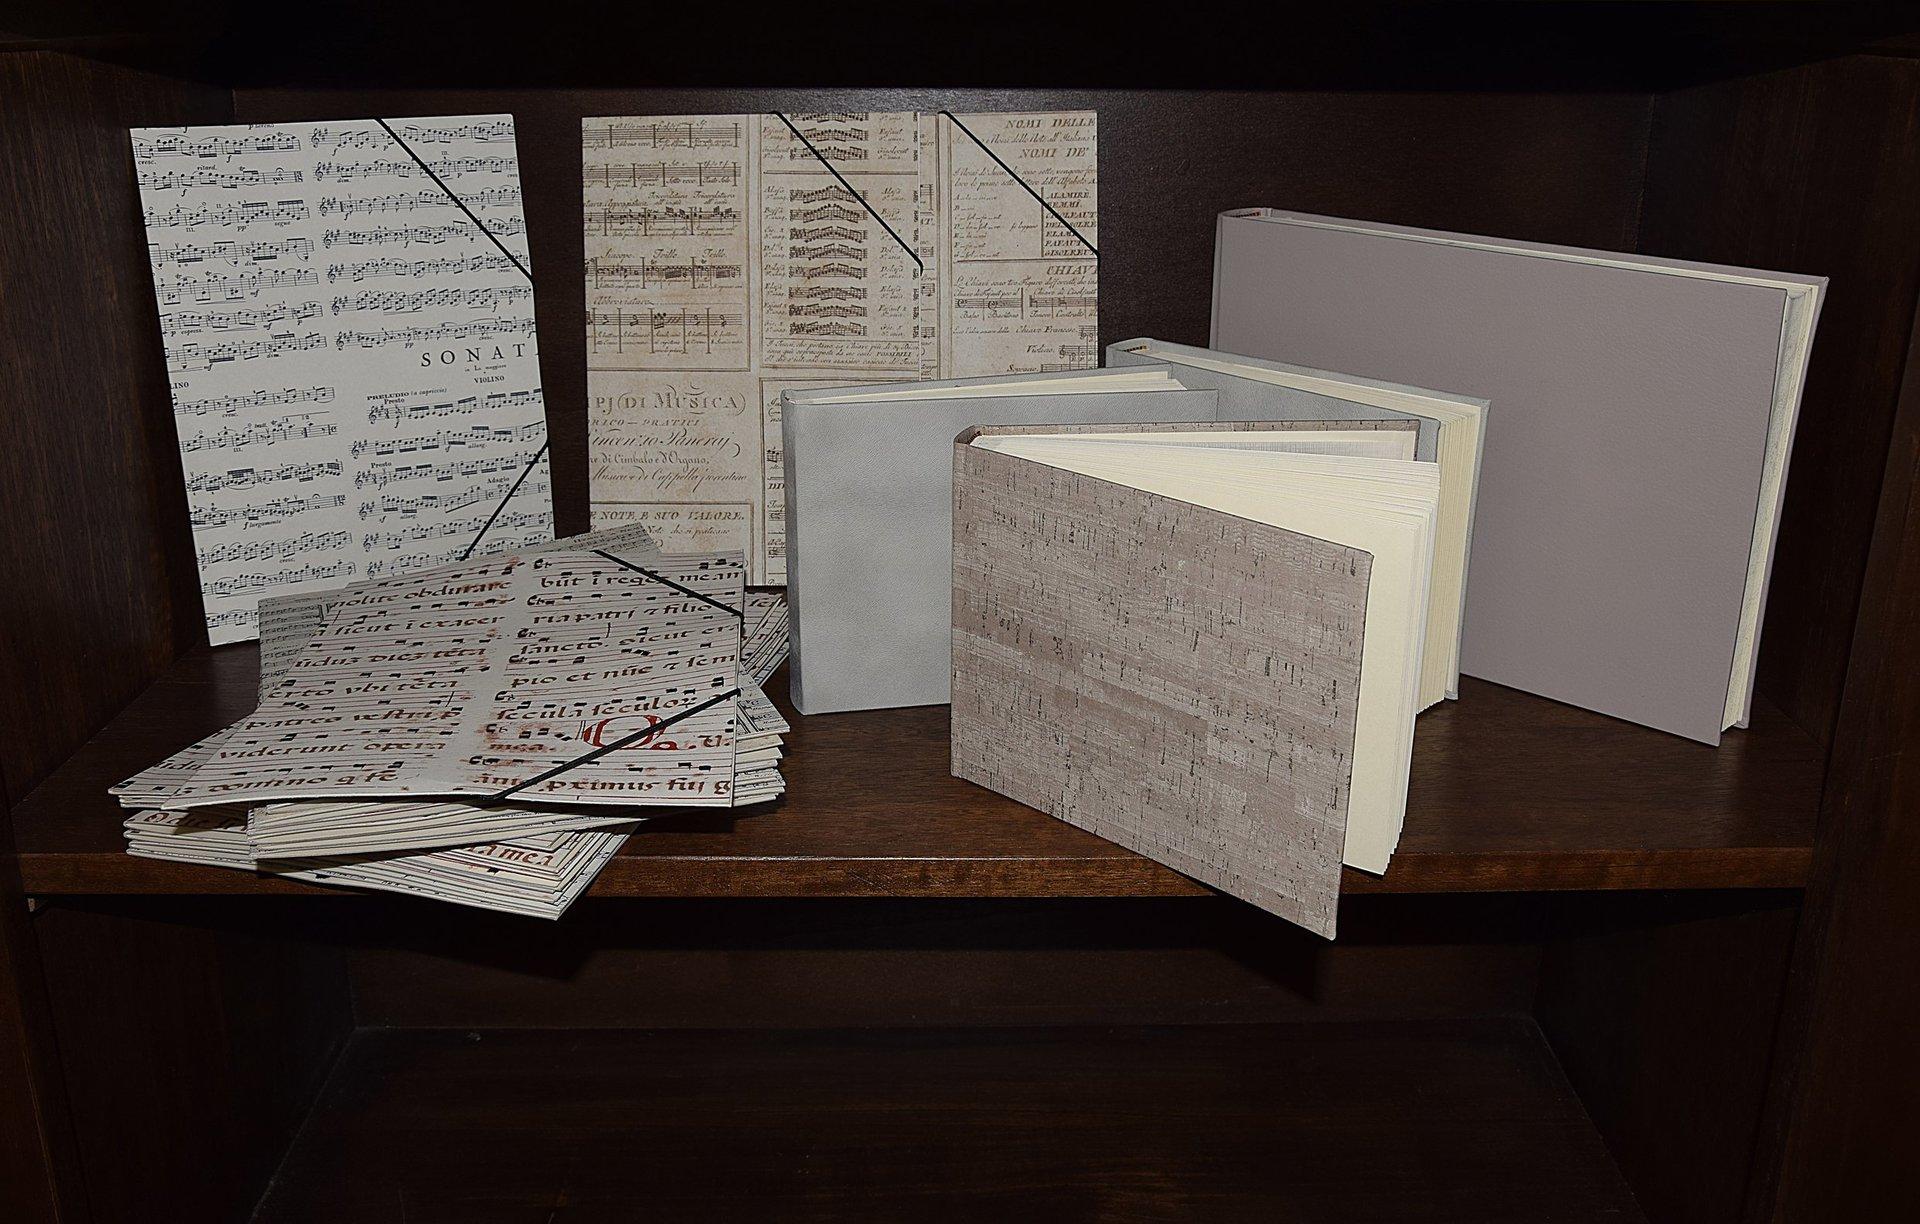 libri bianchi con scritte in oro appena rilegati